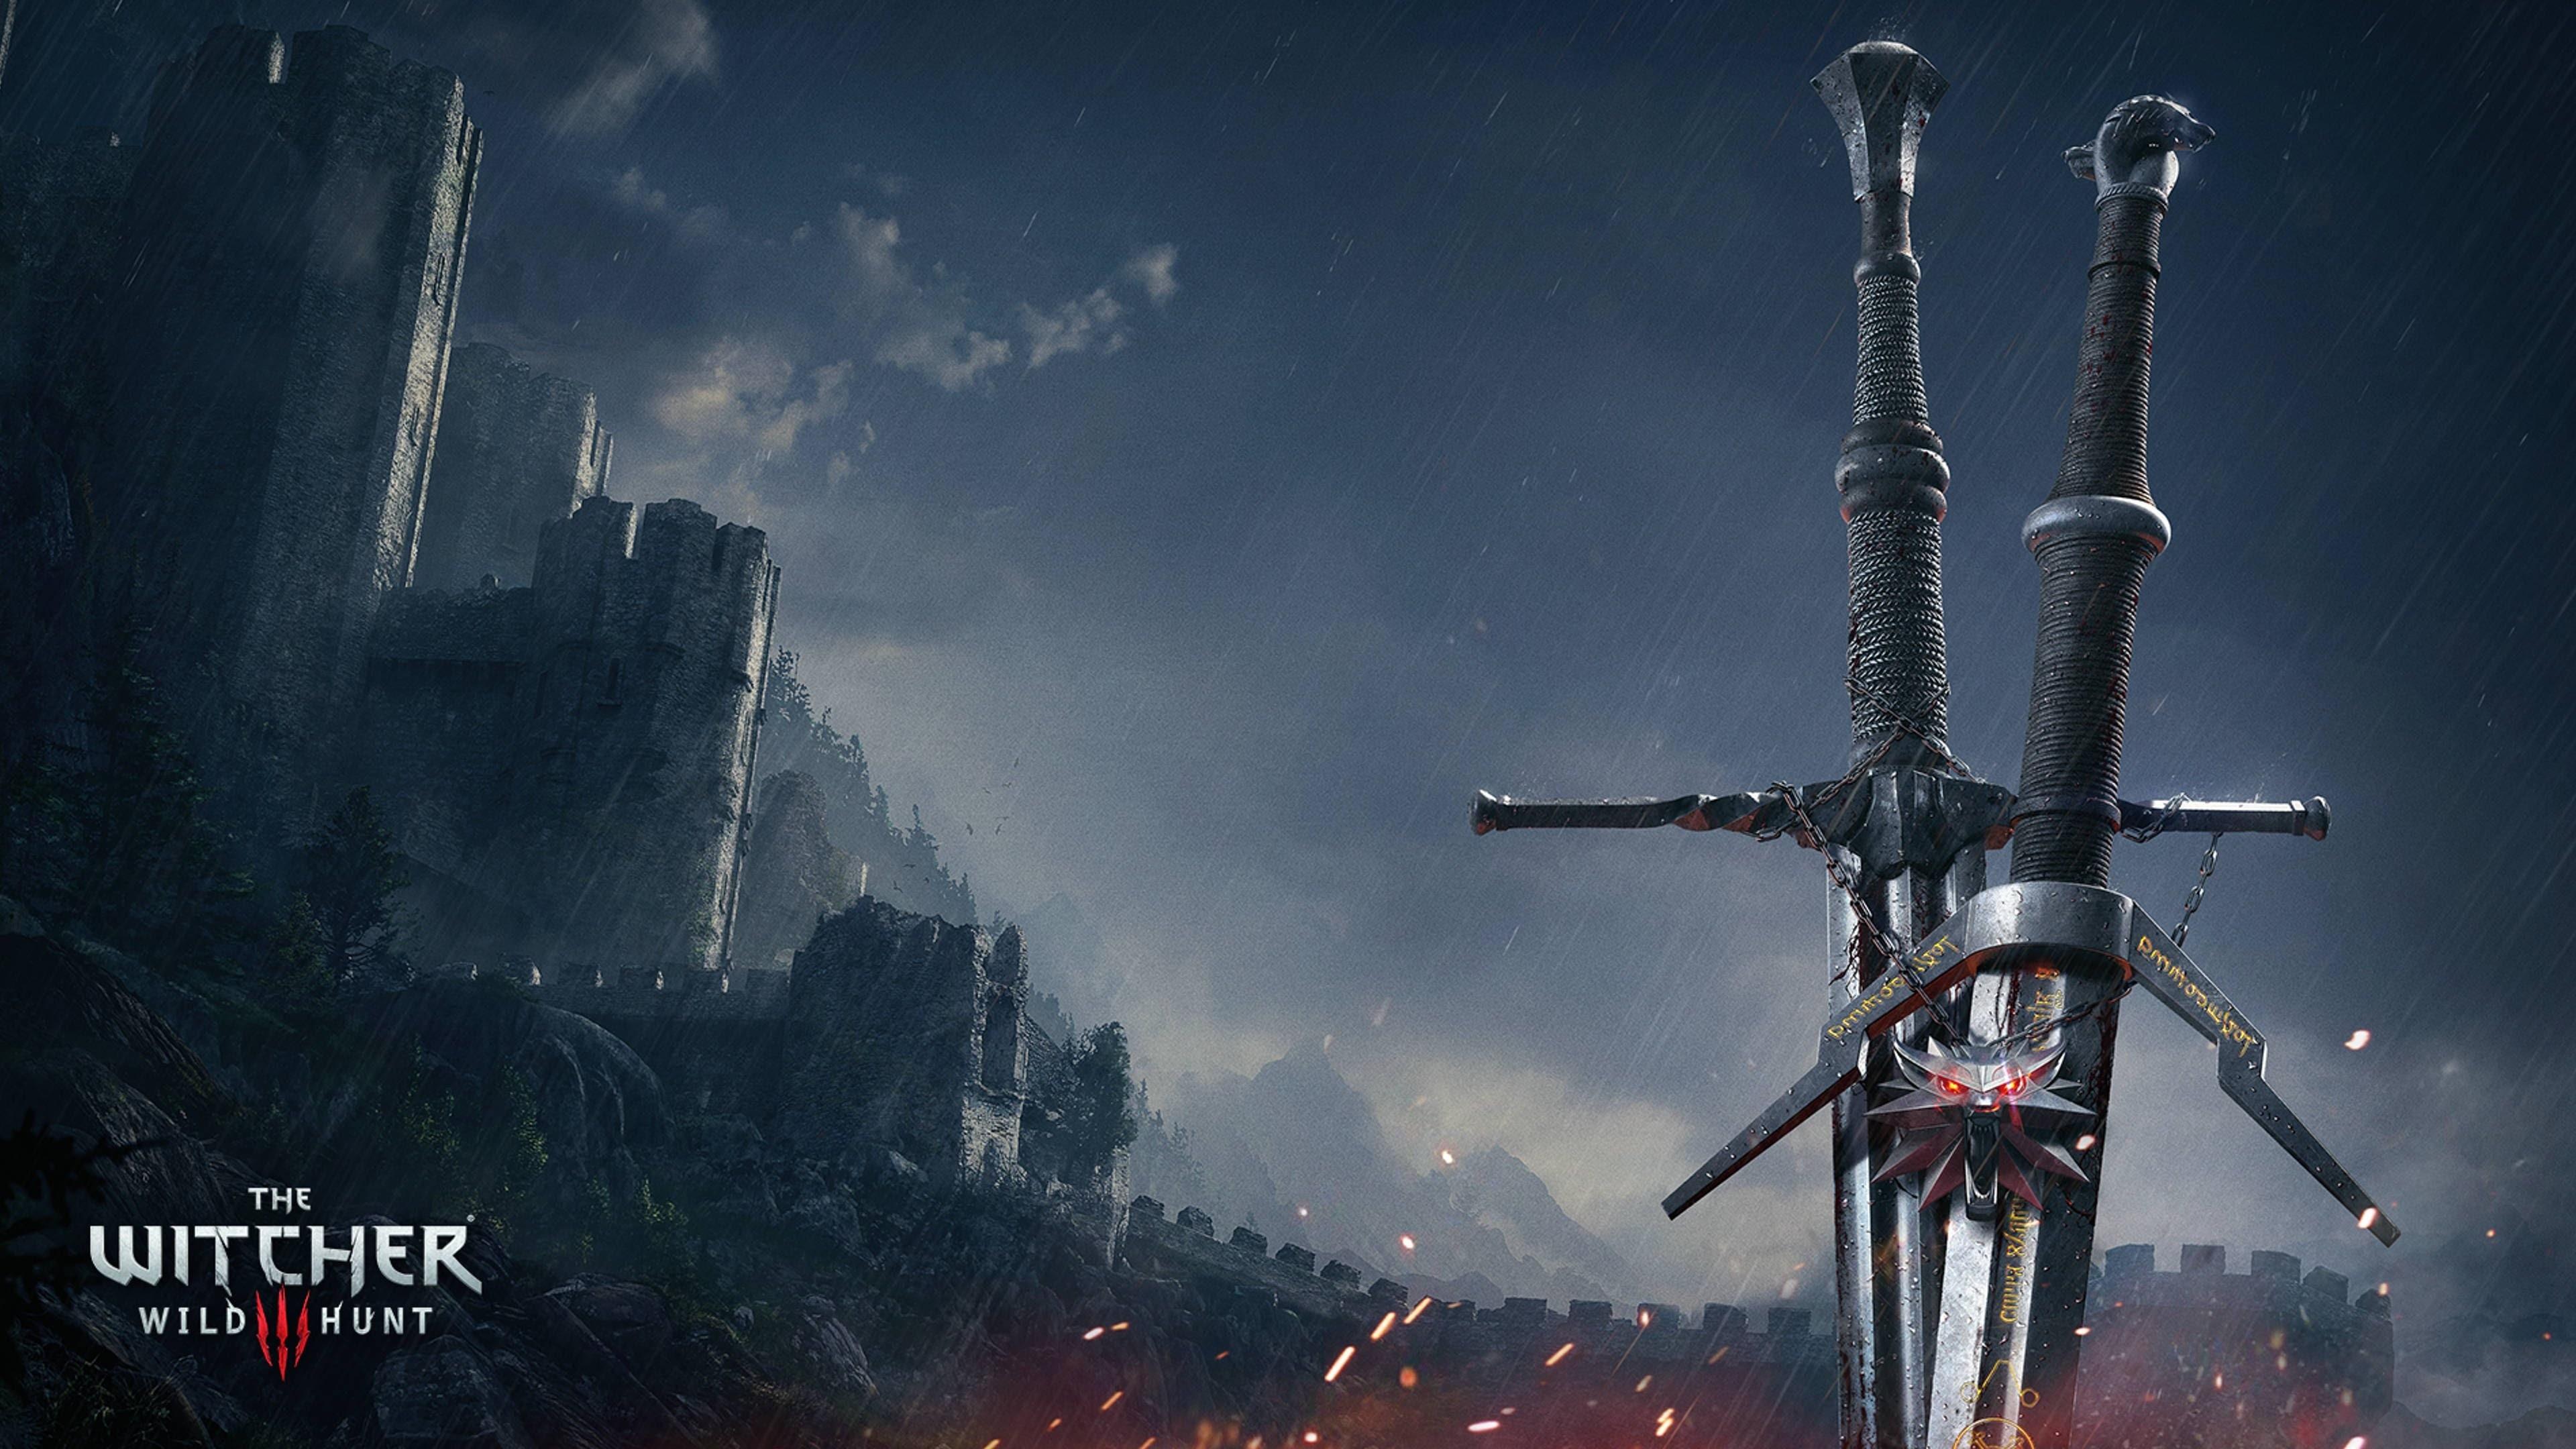 Witcher 3 Wild Hunt Swords 3840x2160